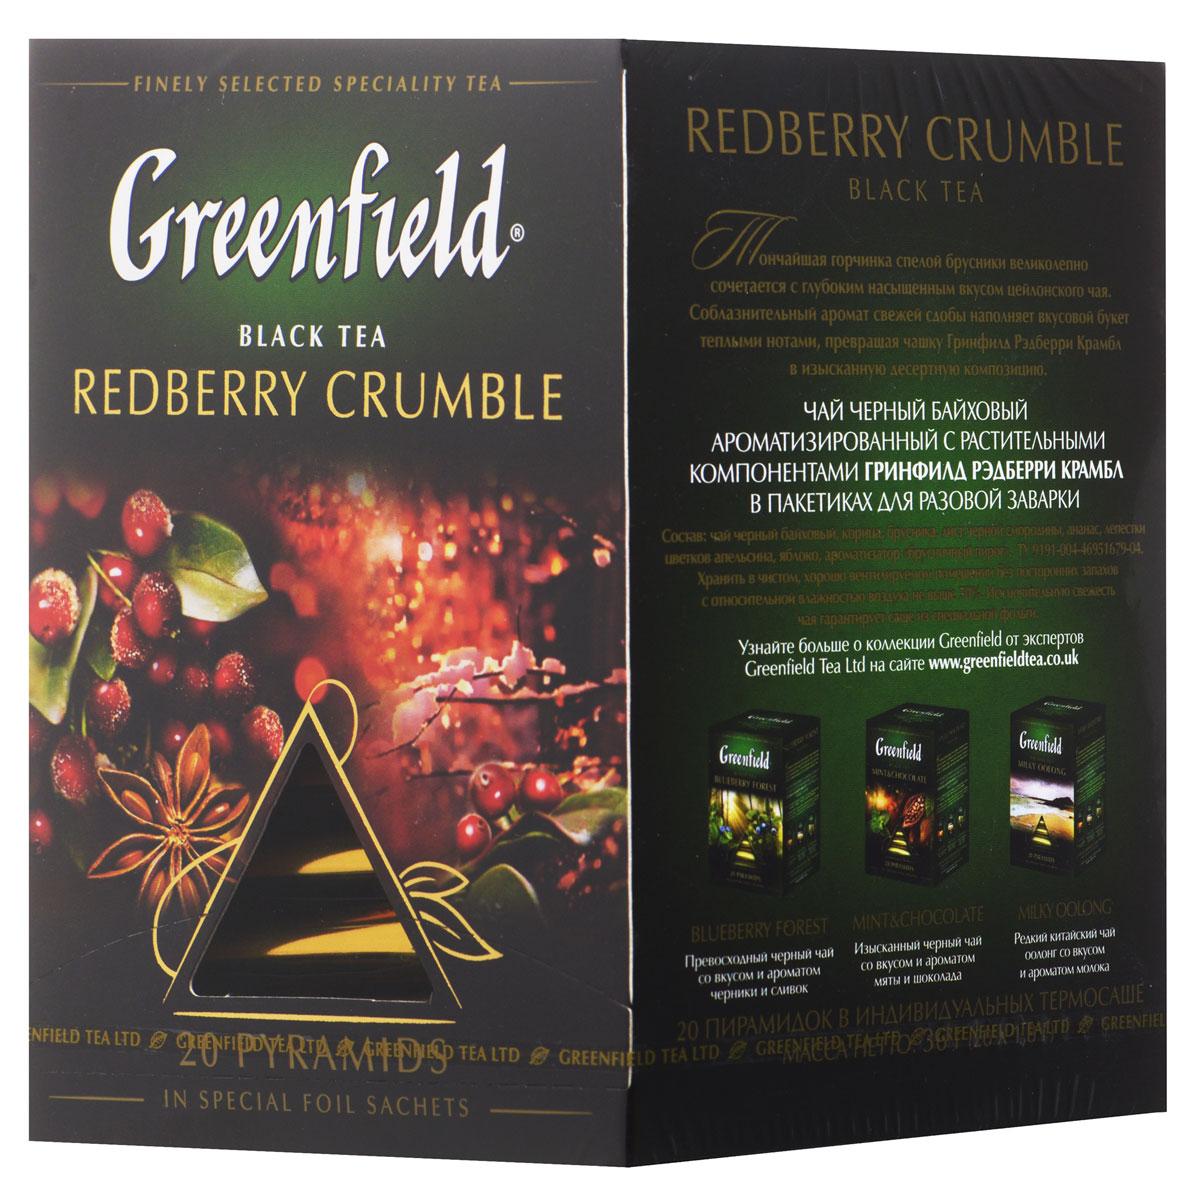 Greenfield Redberry Crumble черный чай в пирамидках, 20 шт1134-08Greenfield Redberry Crumble - черный чай с брусникой в пирамидках. Тончайшая горчинка спелой брусники великолепно сочетается с глубоким насыщенным вкусом цейлонского чая. Соблазнительный аромат свежей сдобы наполняет вкусовой букет теплыми нотами, превращая чашку чая Redberry Crumble в изысканную десертную композицию.